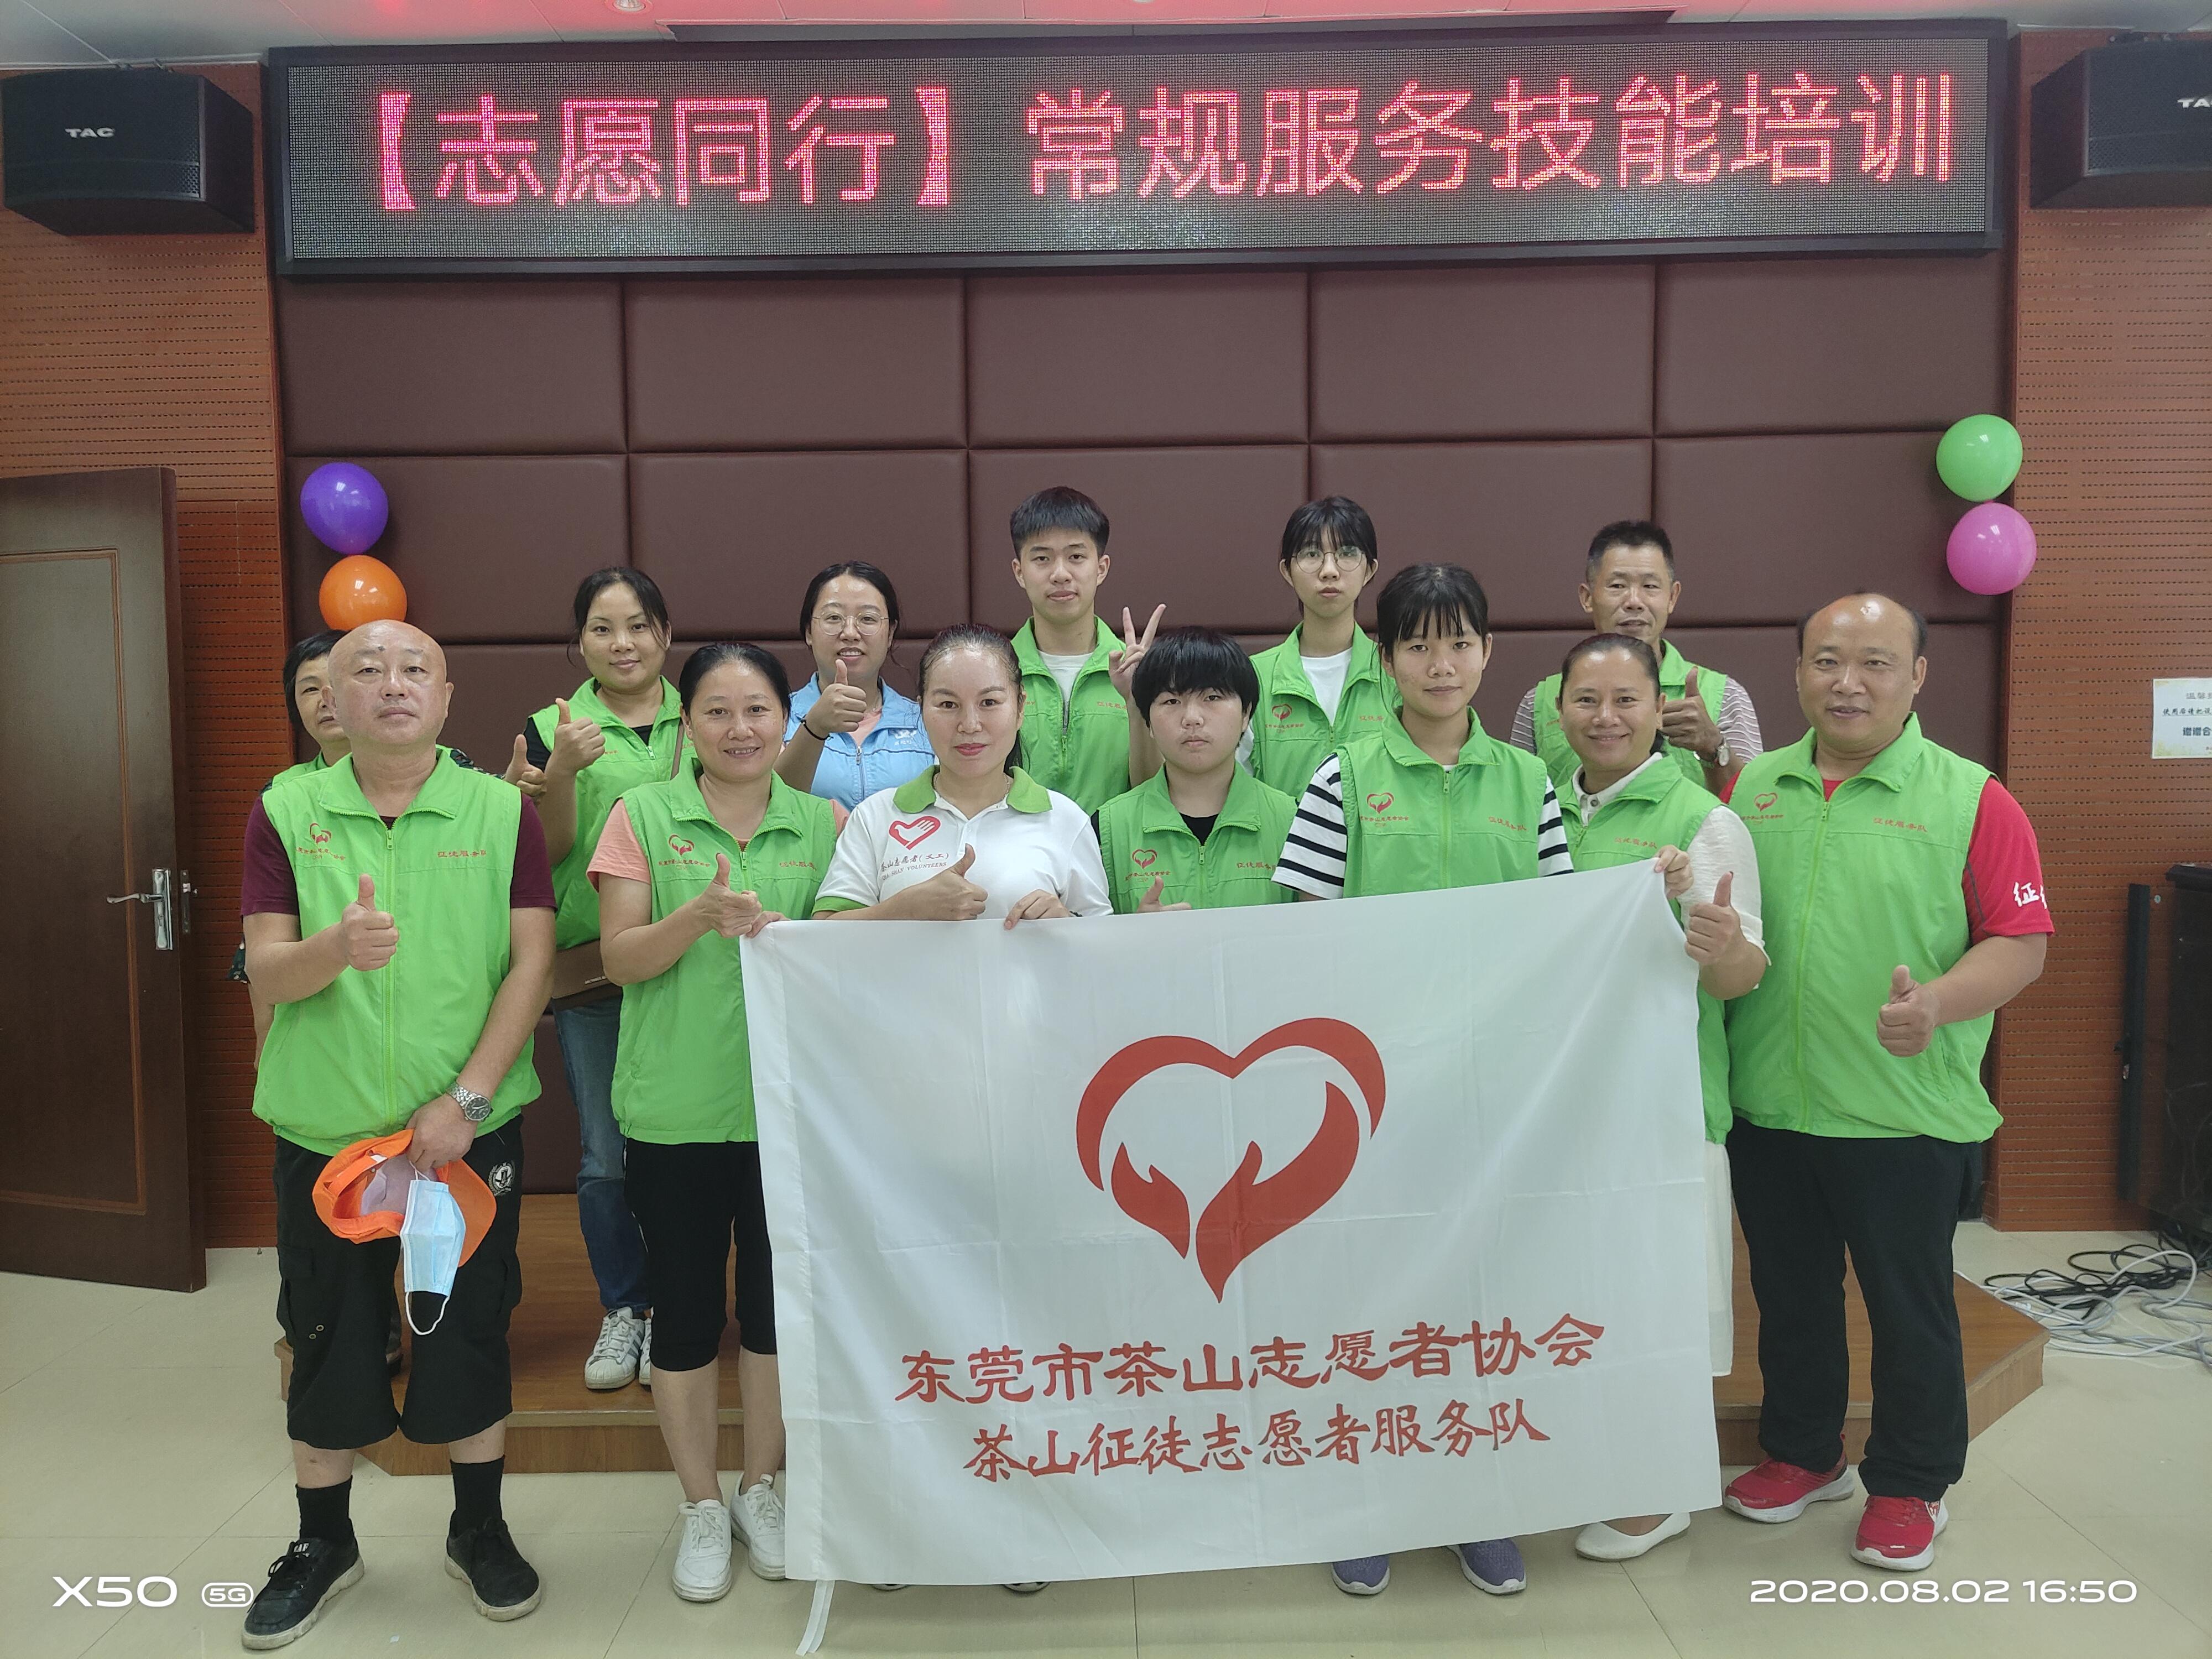 茶山圩社区开展志愿者培训活动